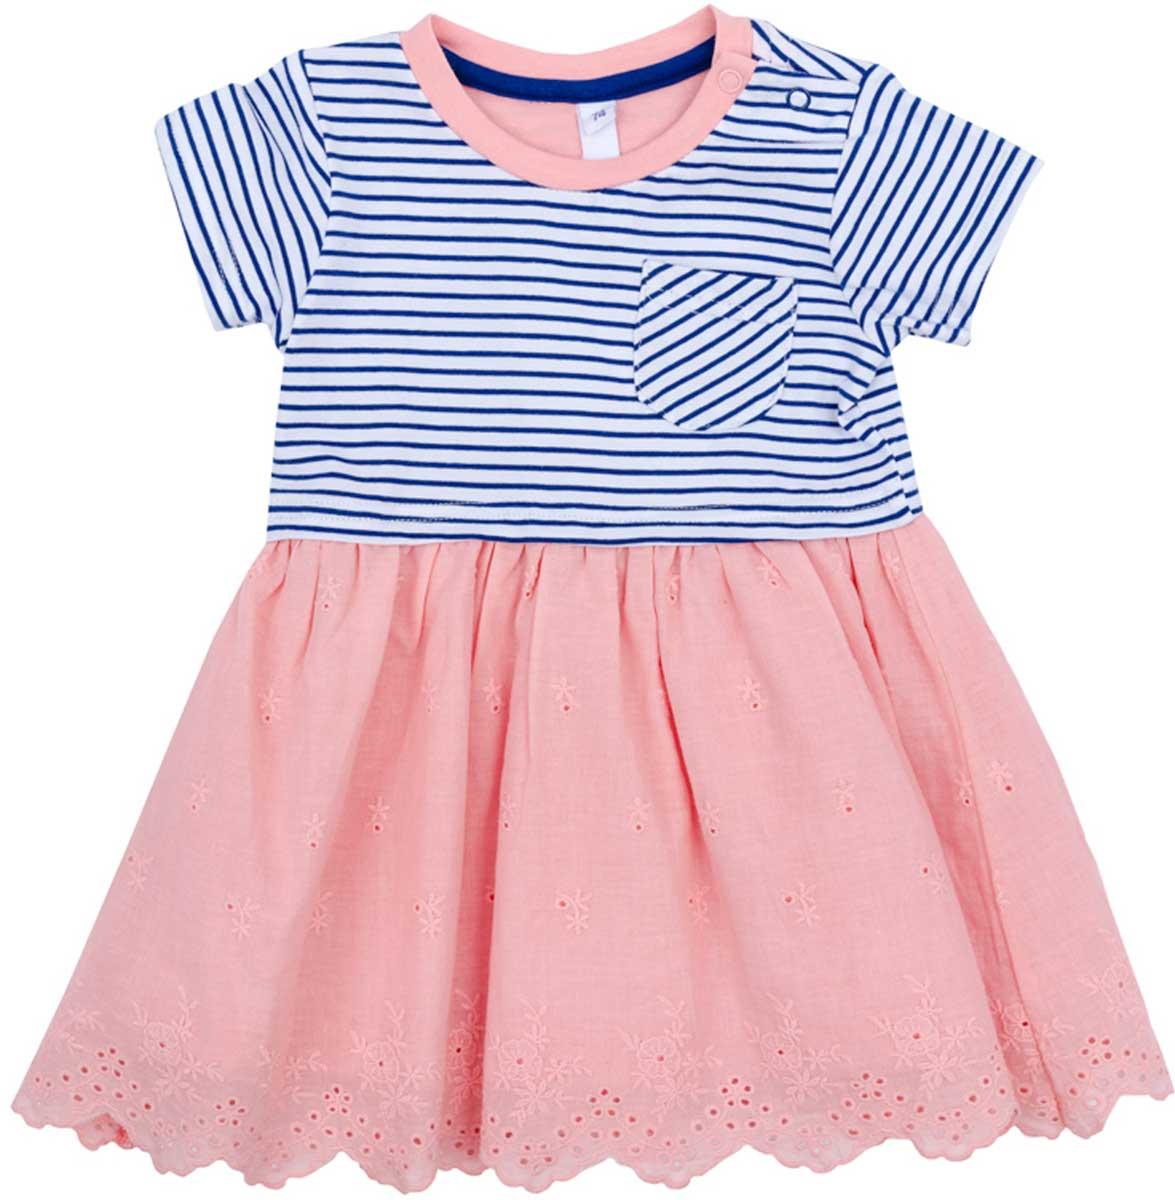 Платье178060Платье PlayToday, отрезное по талии, с округлым вырезом у горловины, понравится вашей моднице. Свободный крой не сковывает движений. Приятная на ощупь ткань не раздражает нежную кожу ребенка. Модель декорирована небольшим аккуратным карманом.